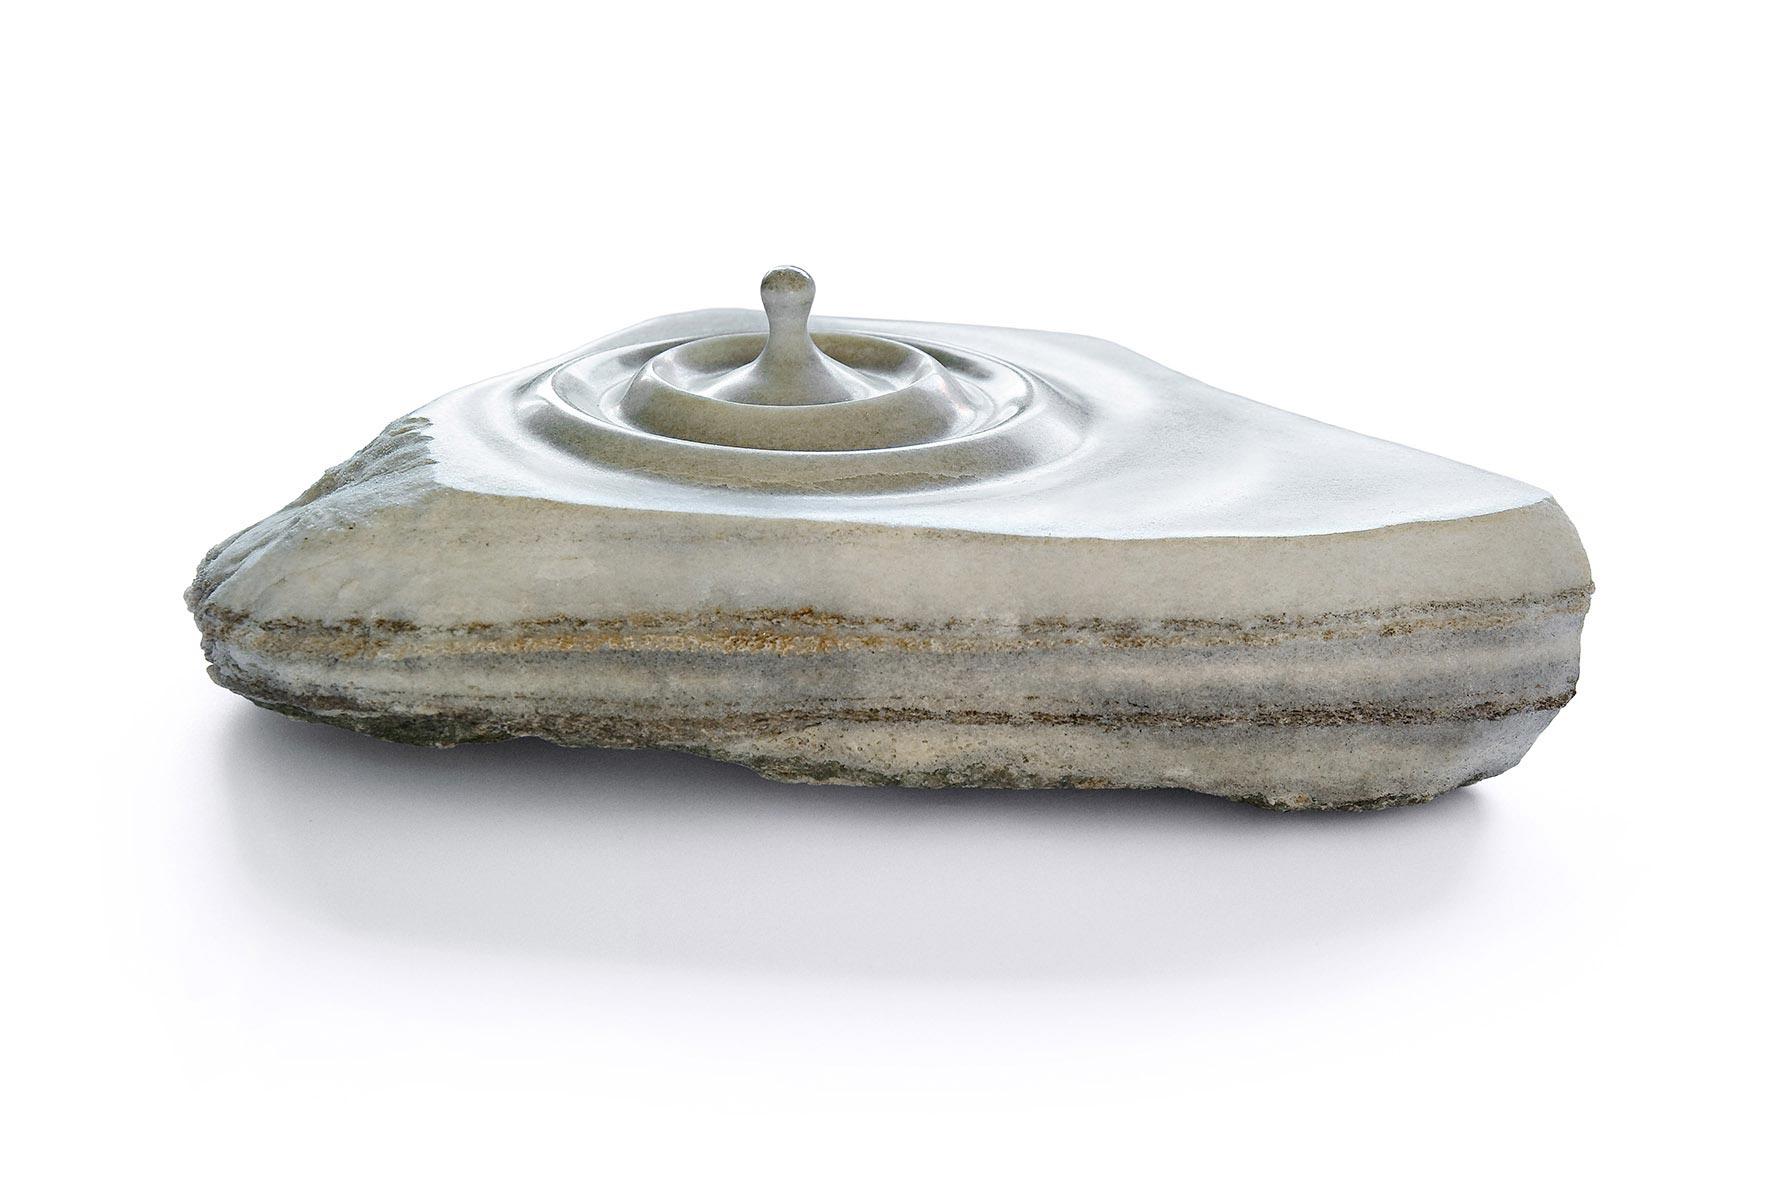 Aqua IV, Gneiss/Cristallina Marmor, 42/33/12 cm